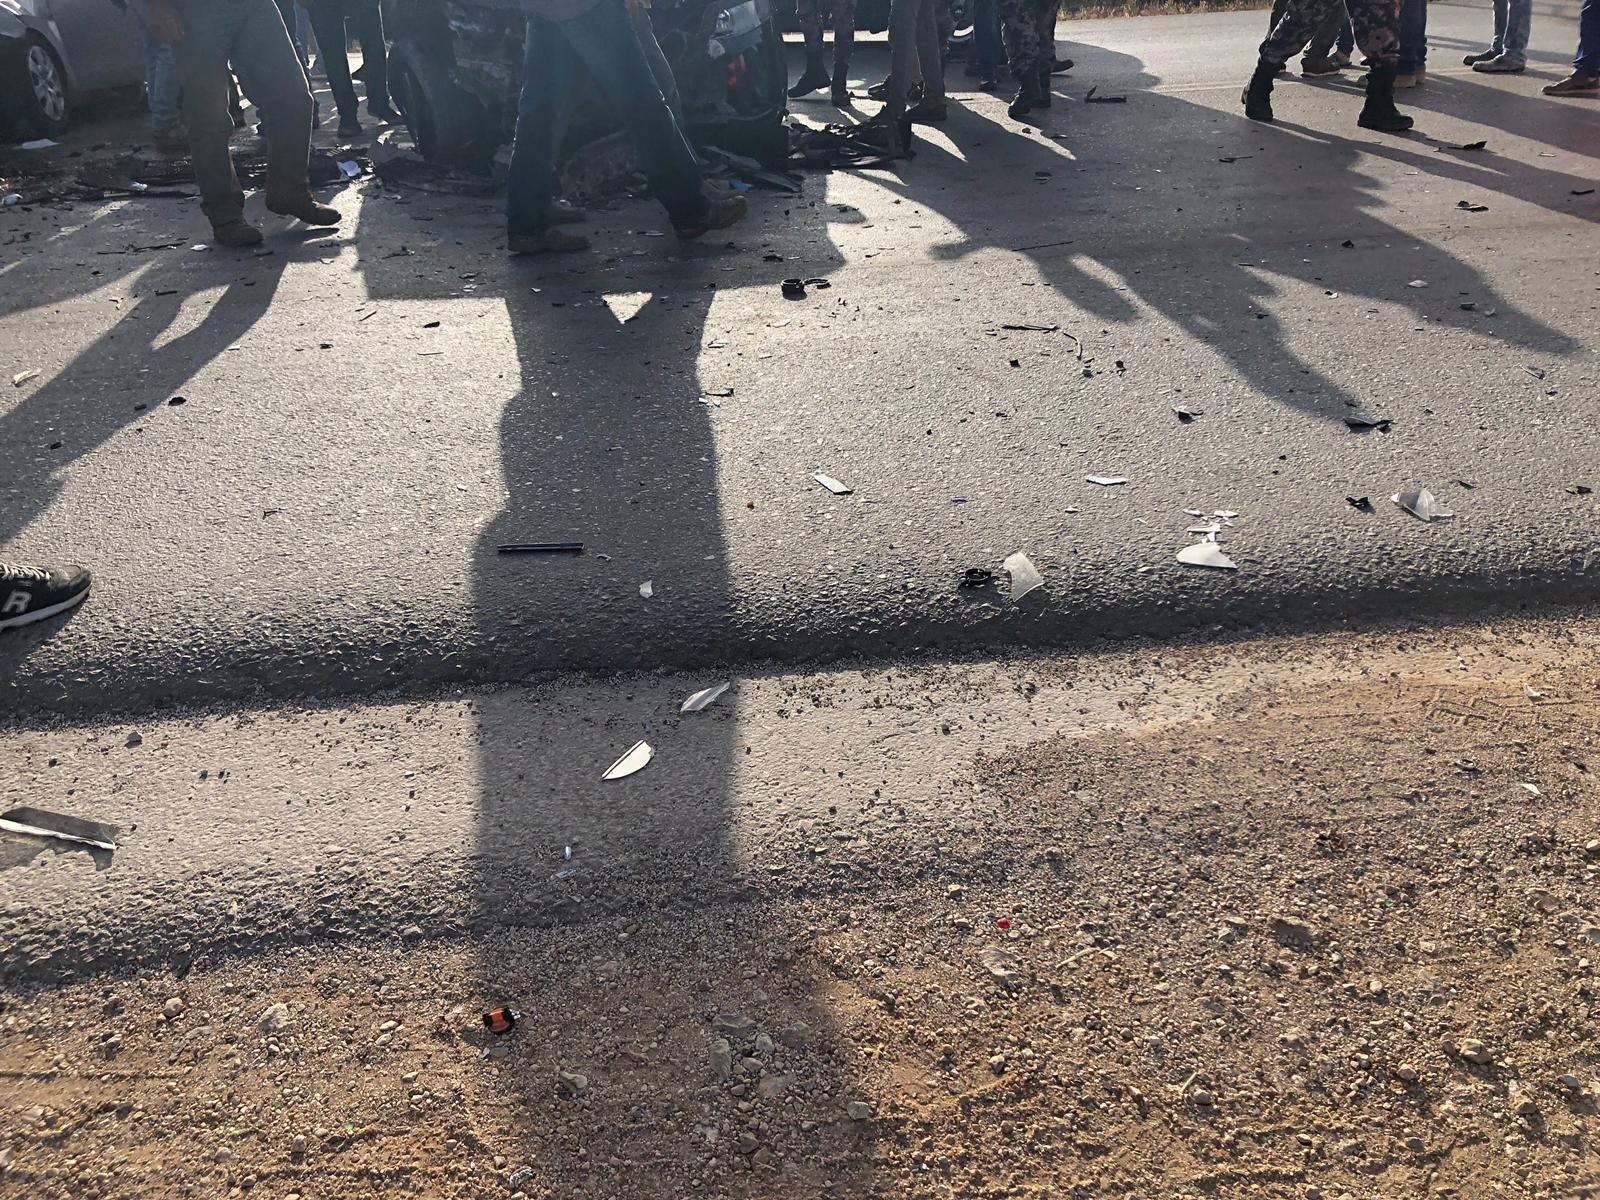 اصابة اربعة طلاب في حادث قرب جامعة جنين الامريكيّة